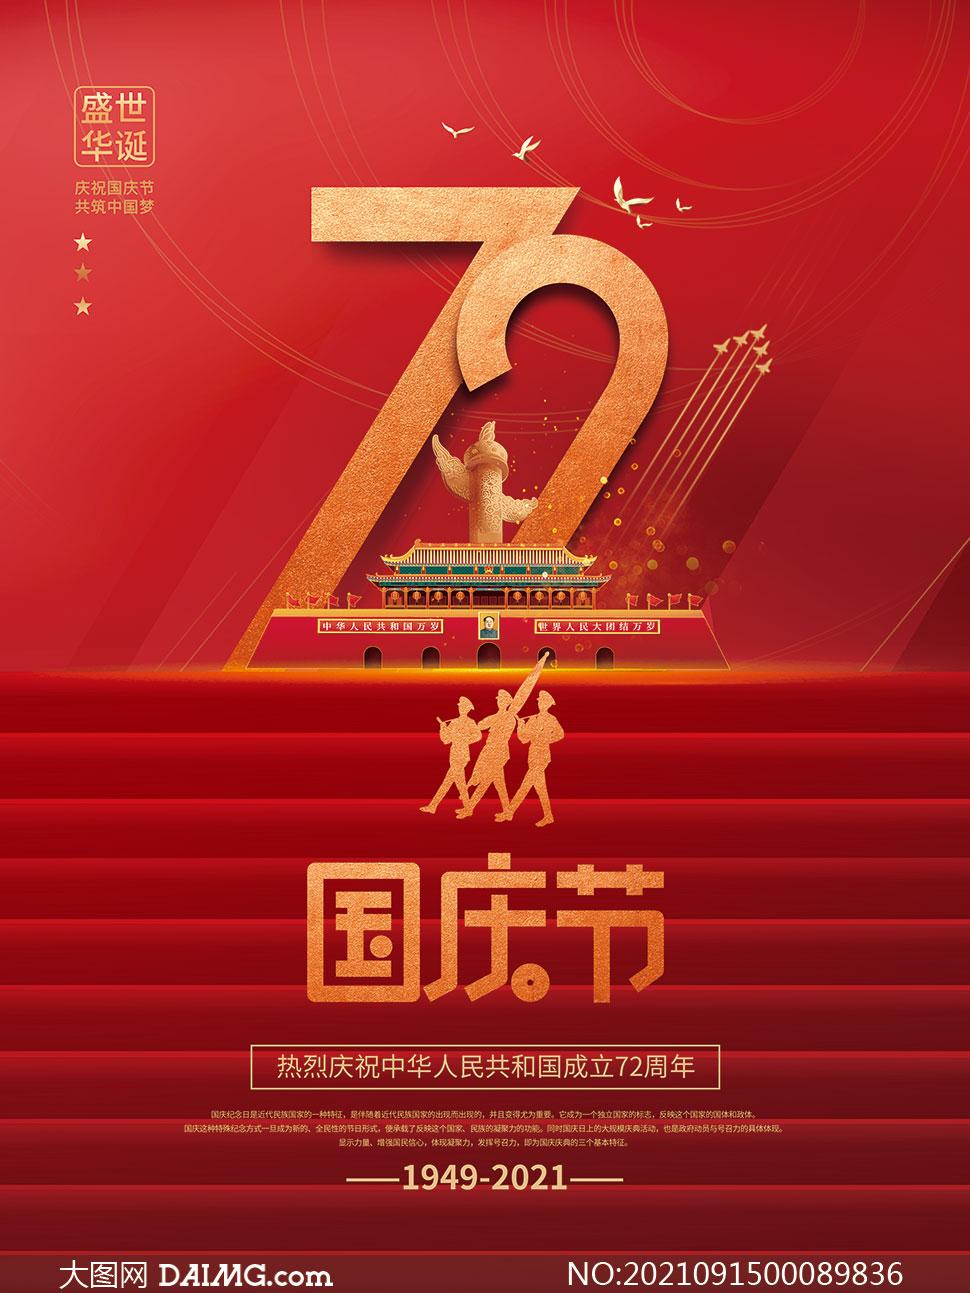 庆祝国庆节72周年宣传单设计PSD素材